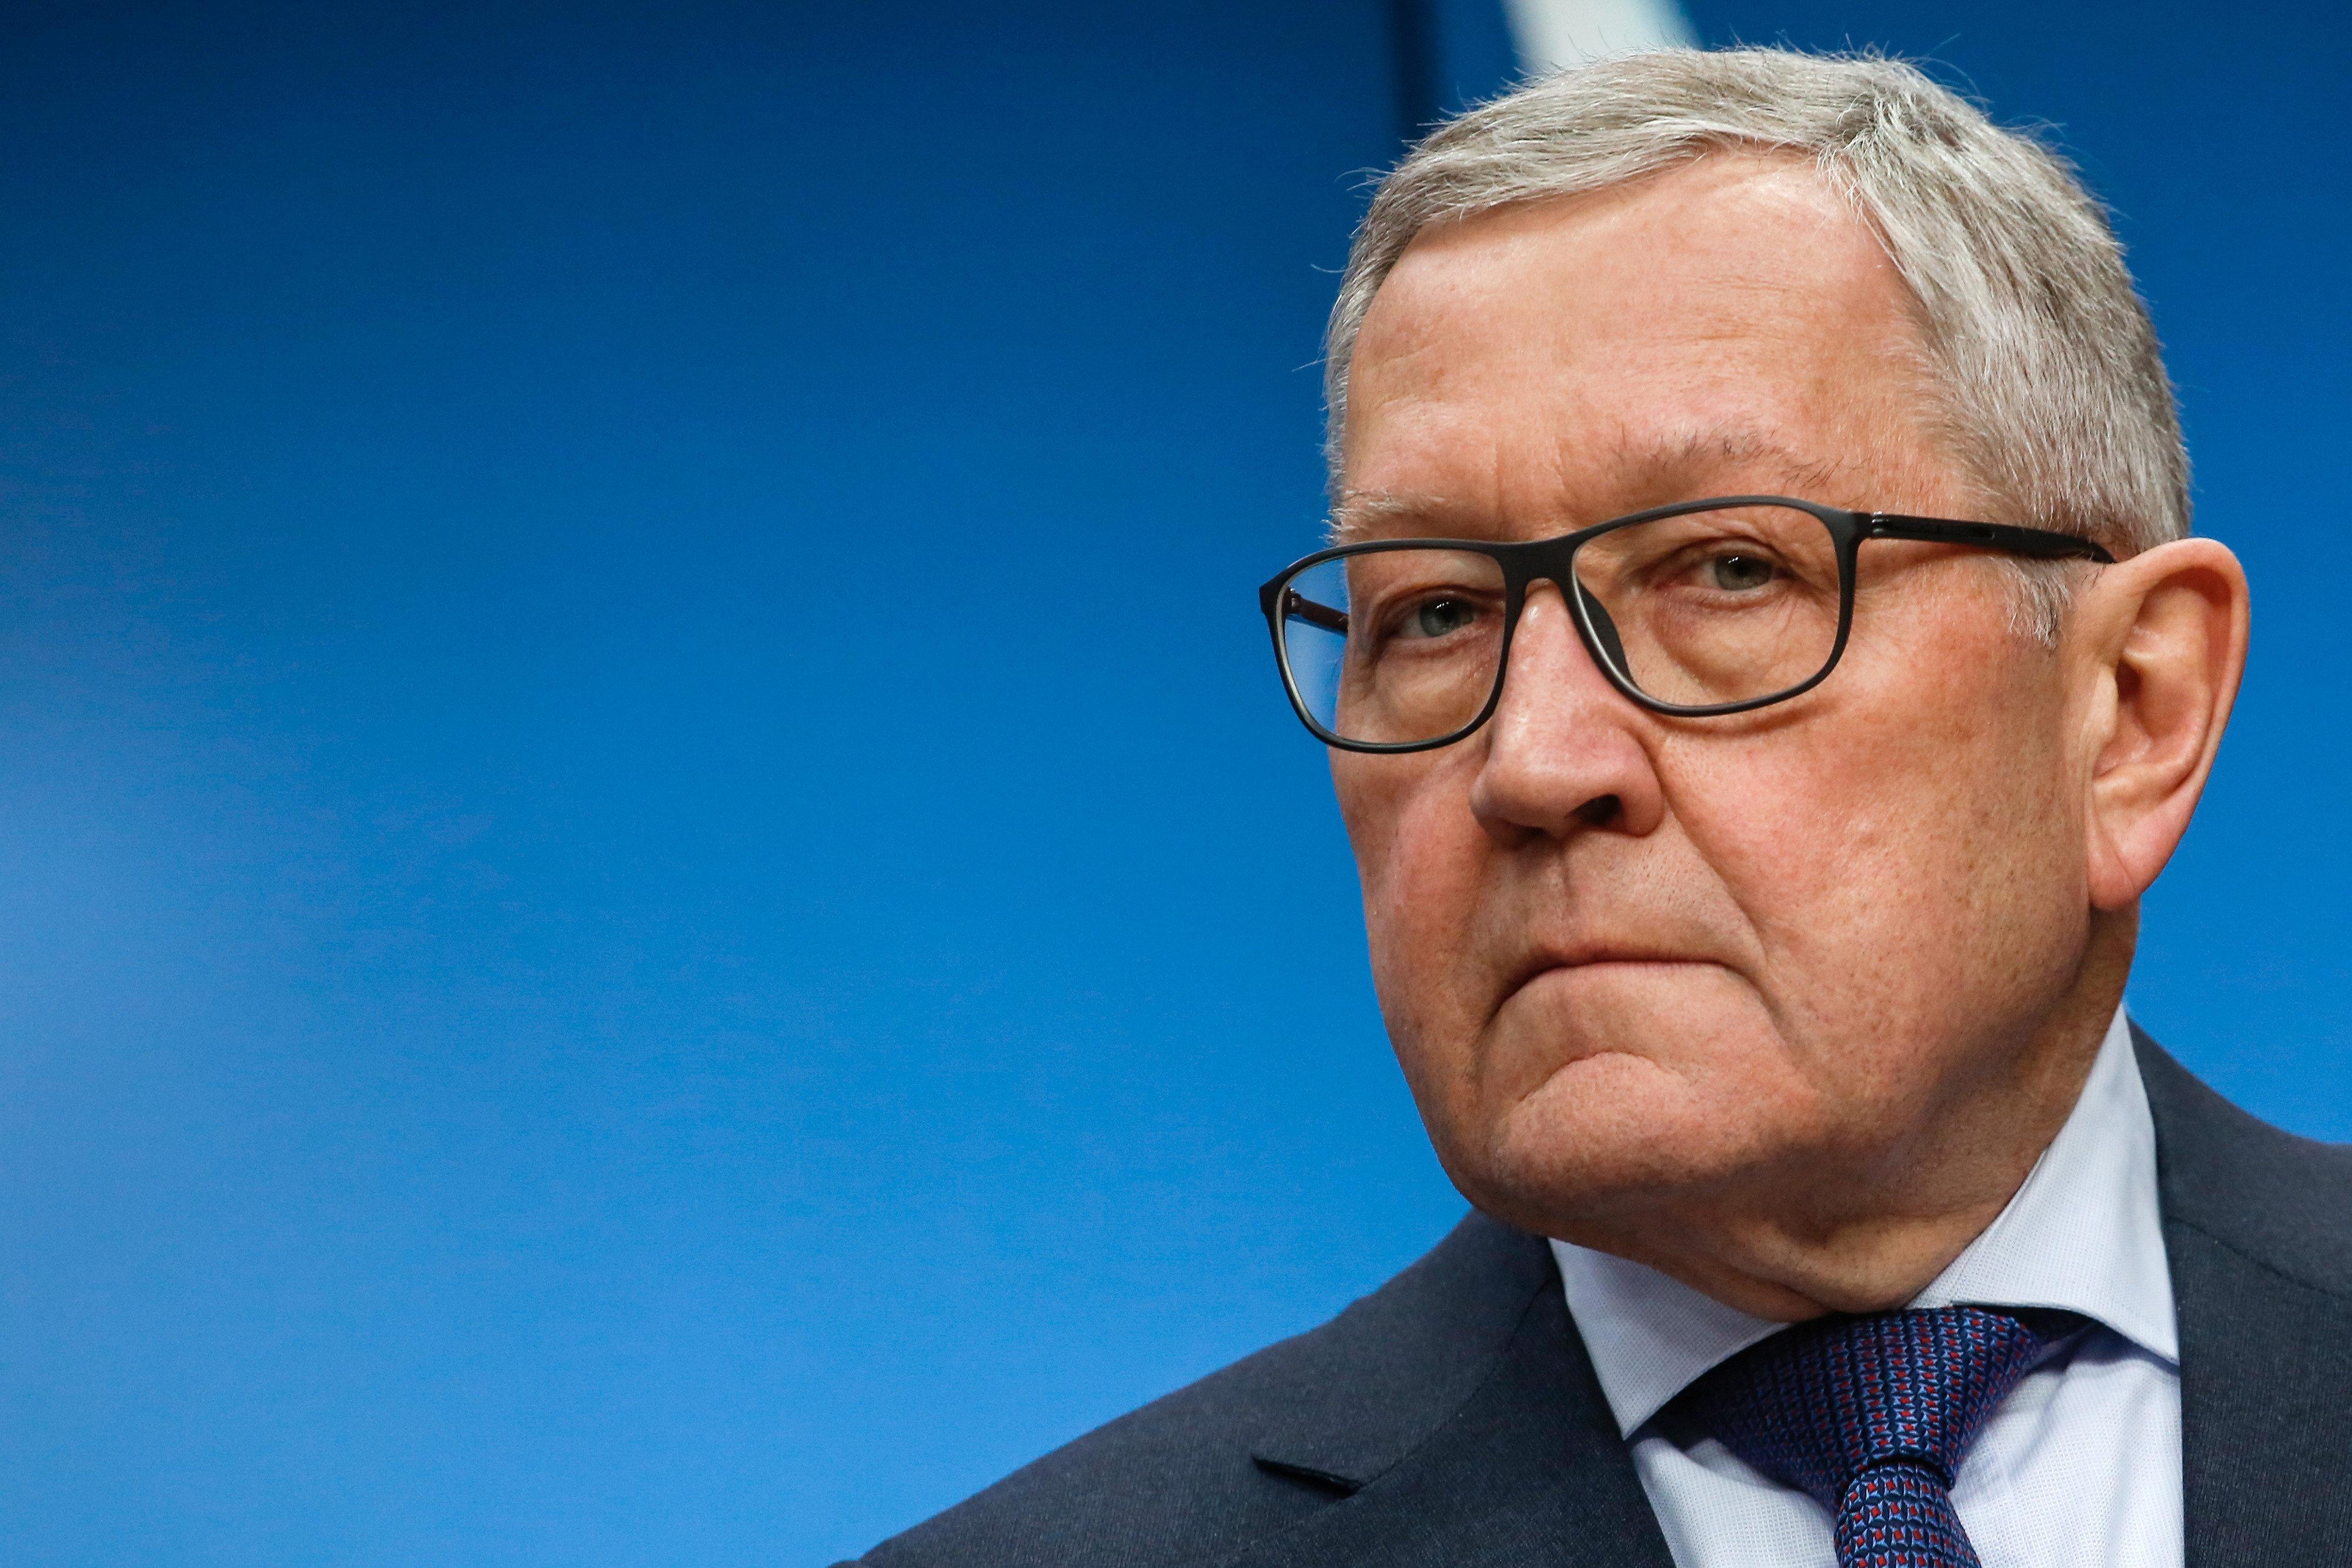 Στις 14 Ιουνίου η συνεδρίαση του ESM για την εκταμίευση του υπόλοιπου 1 δισ. ευρώ από την τέταρτη